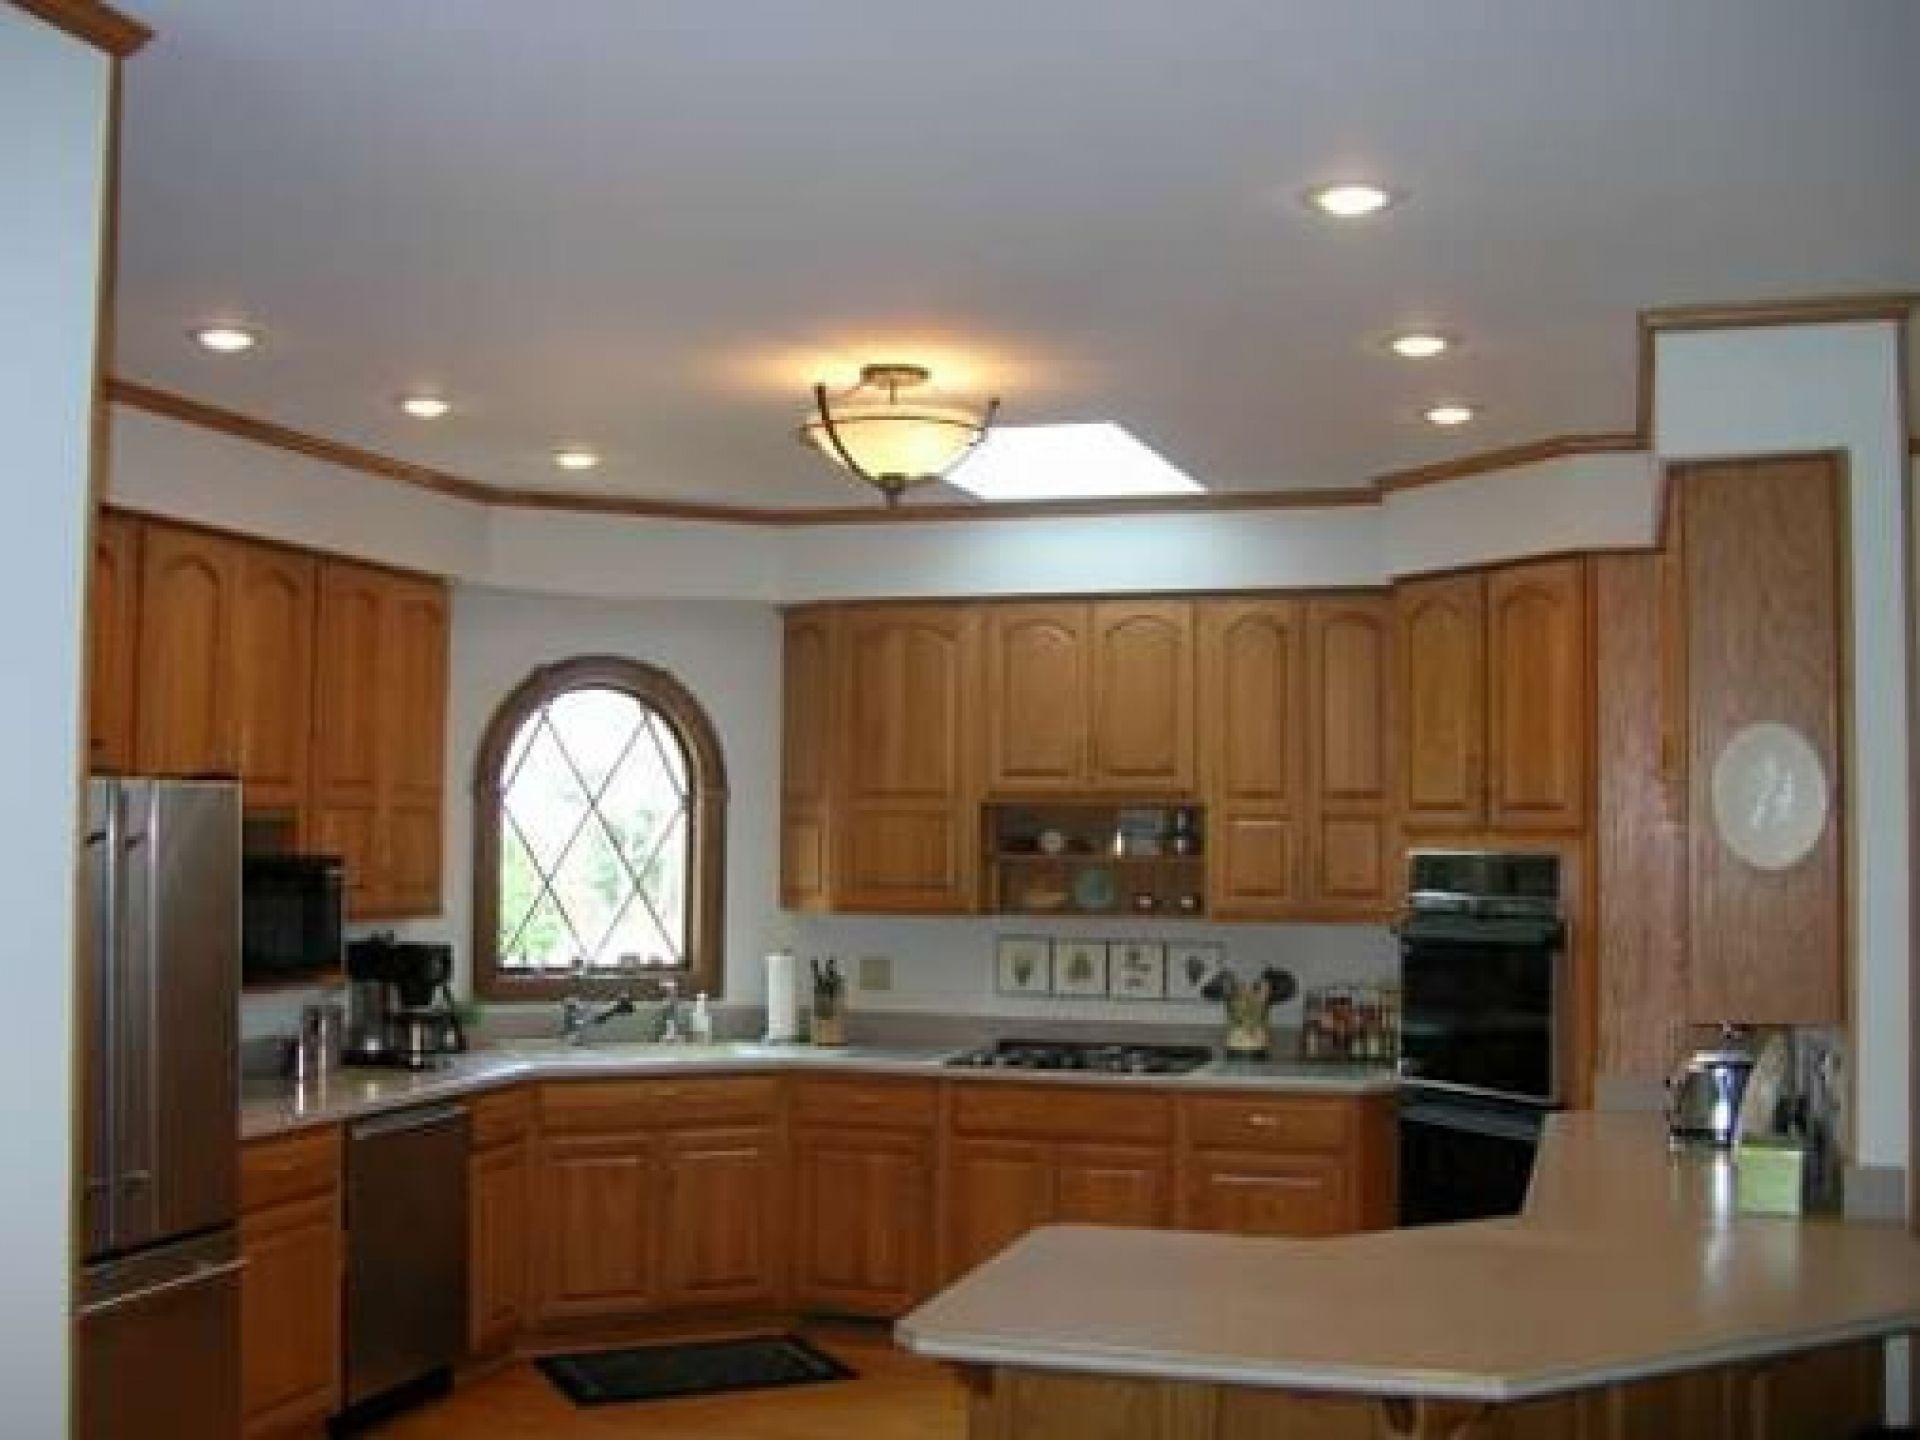 Küche Deckenbeleuchtung Ideen  Moderne küchen-beleuchtung, Kleine